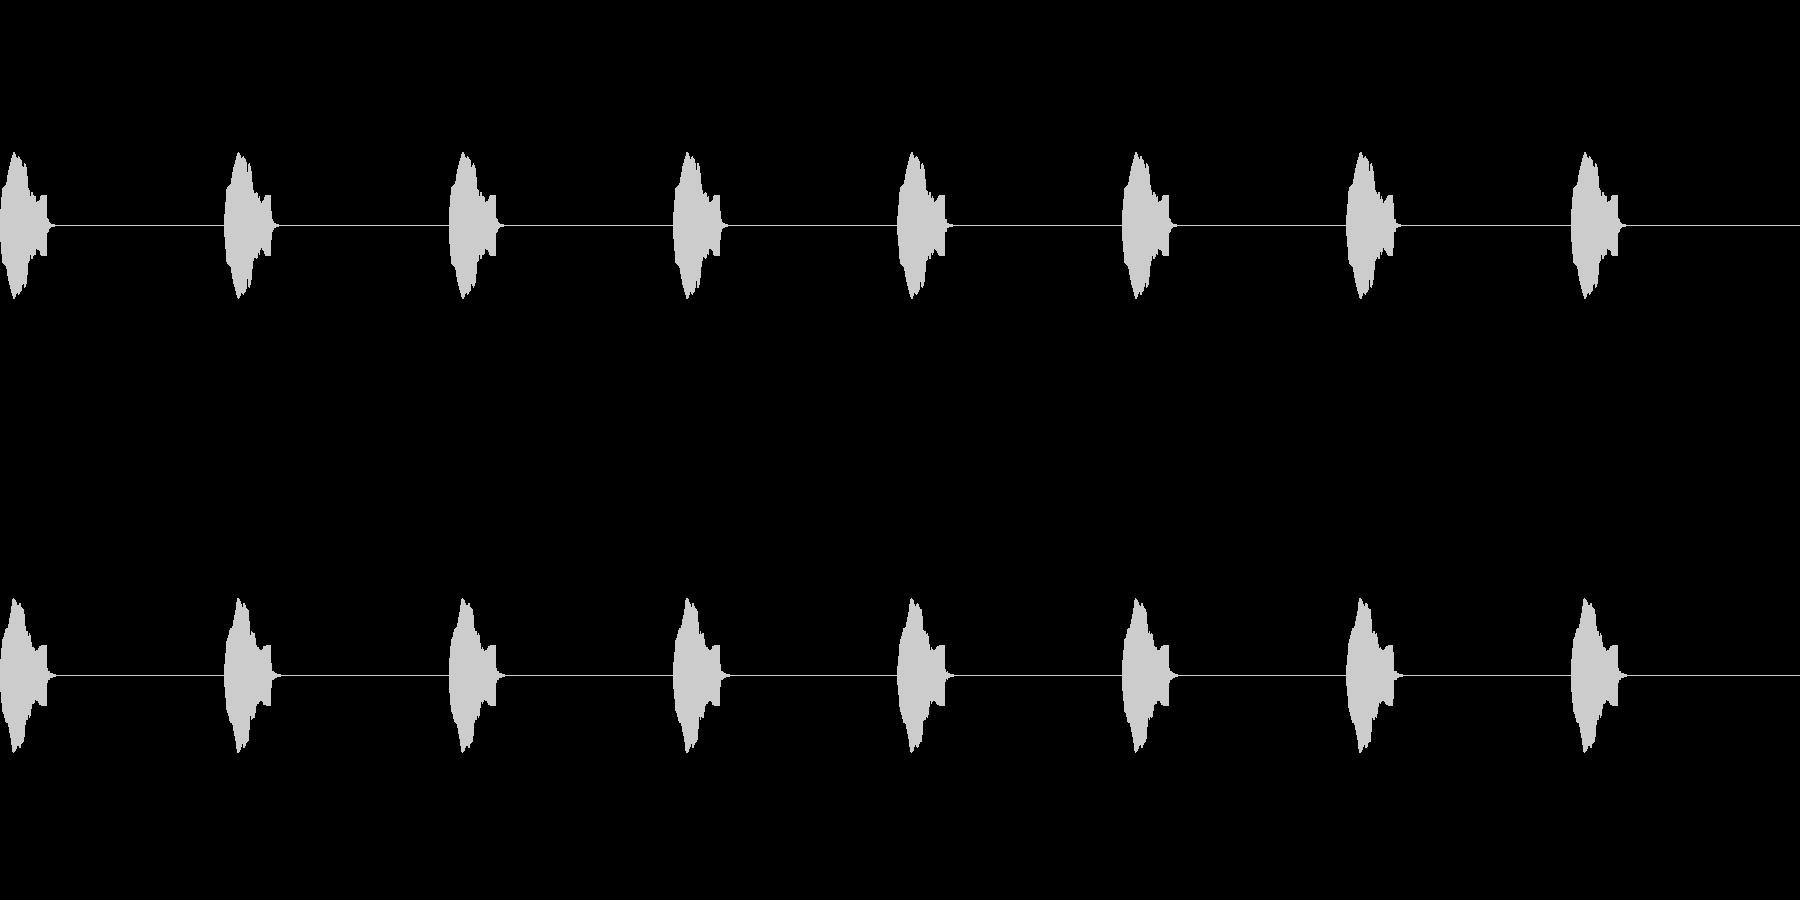 【誘導音 横断歩道01-3L】の未再生の波形